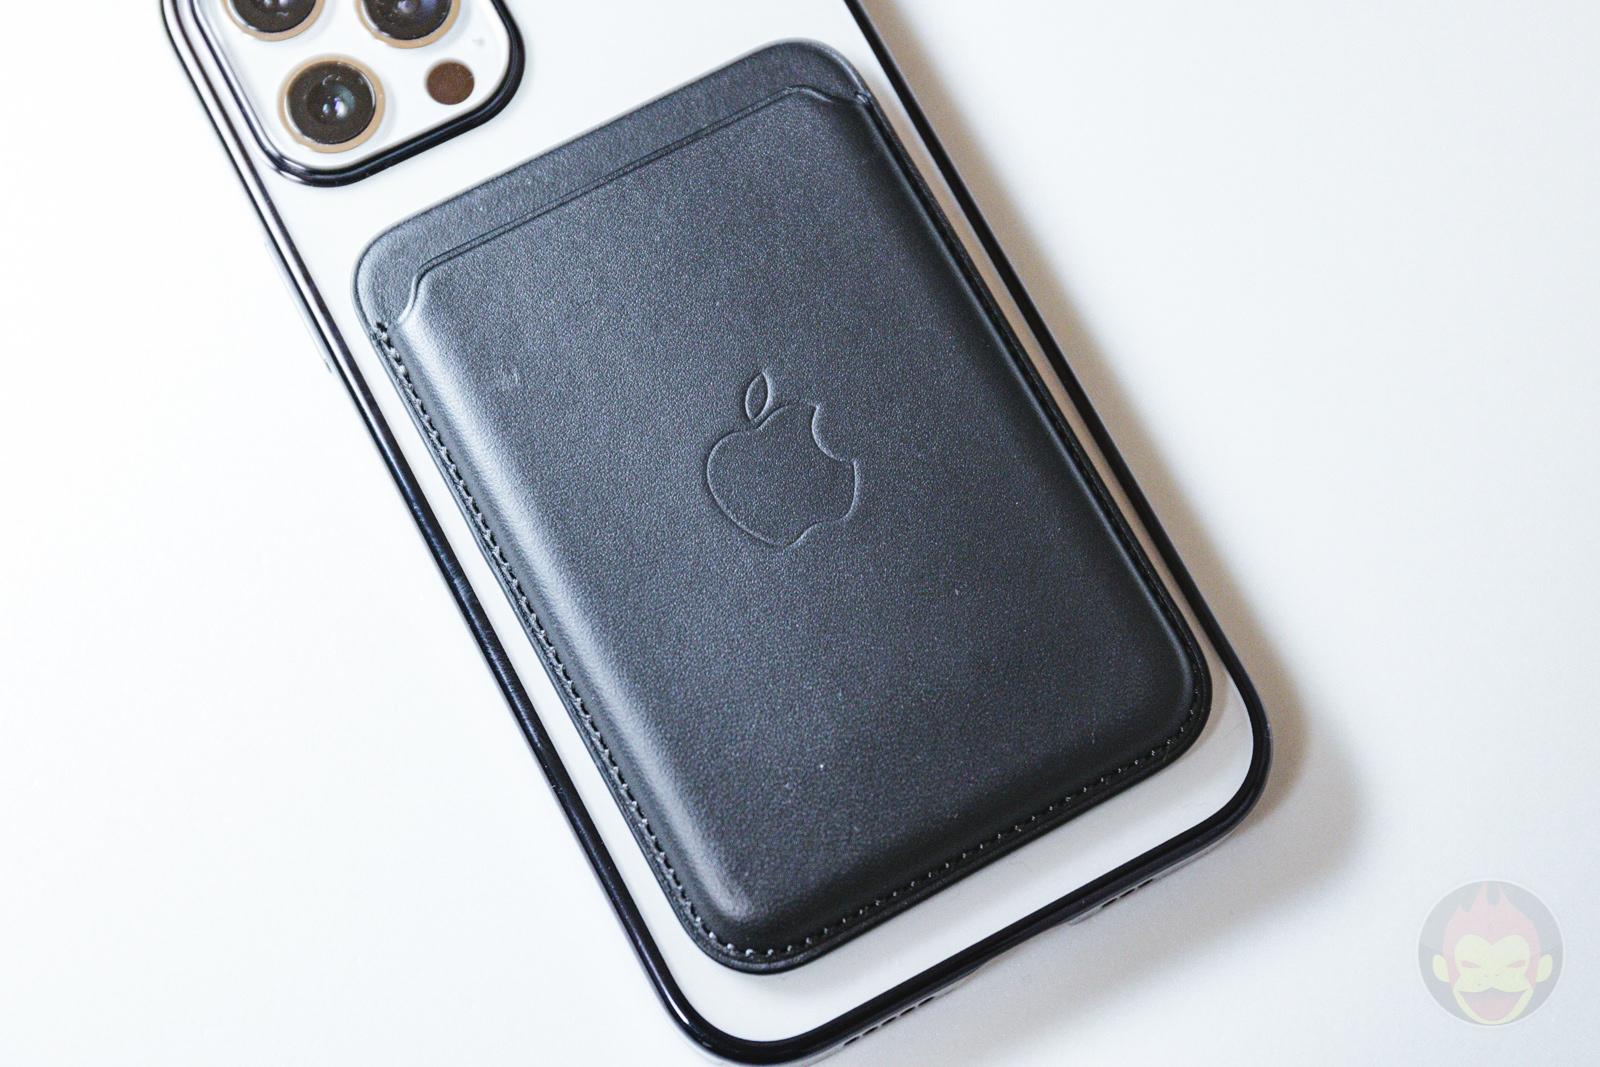 KAHITE Black MagSafe iPhone 12 Pro Case 08